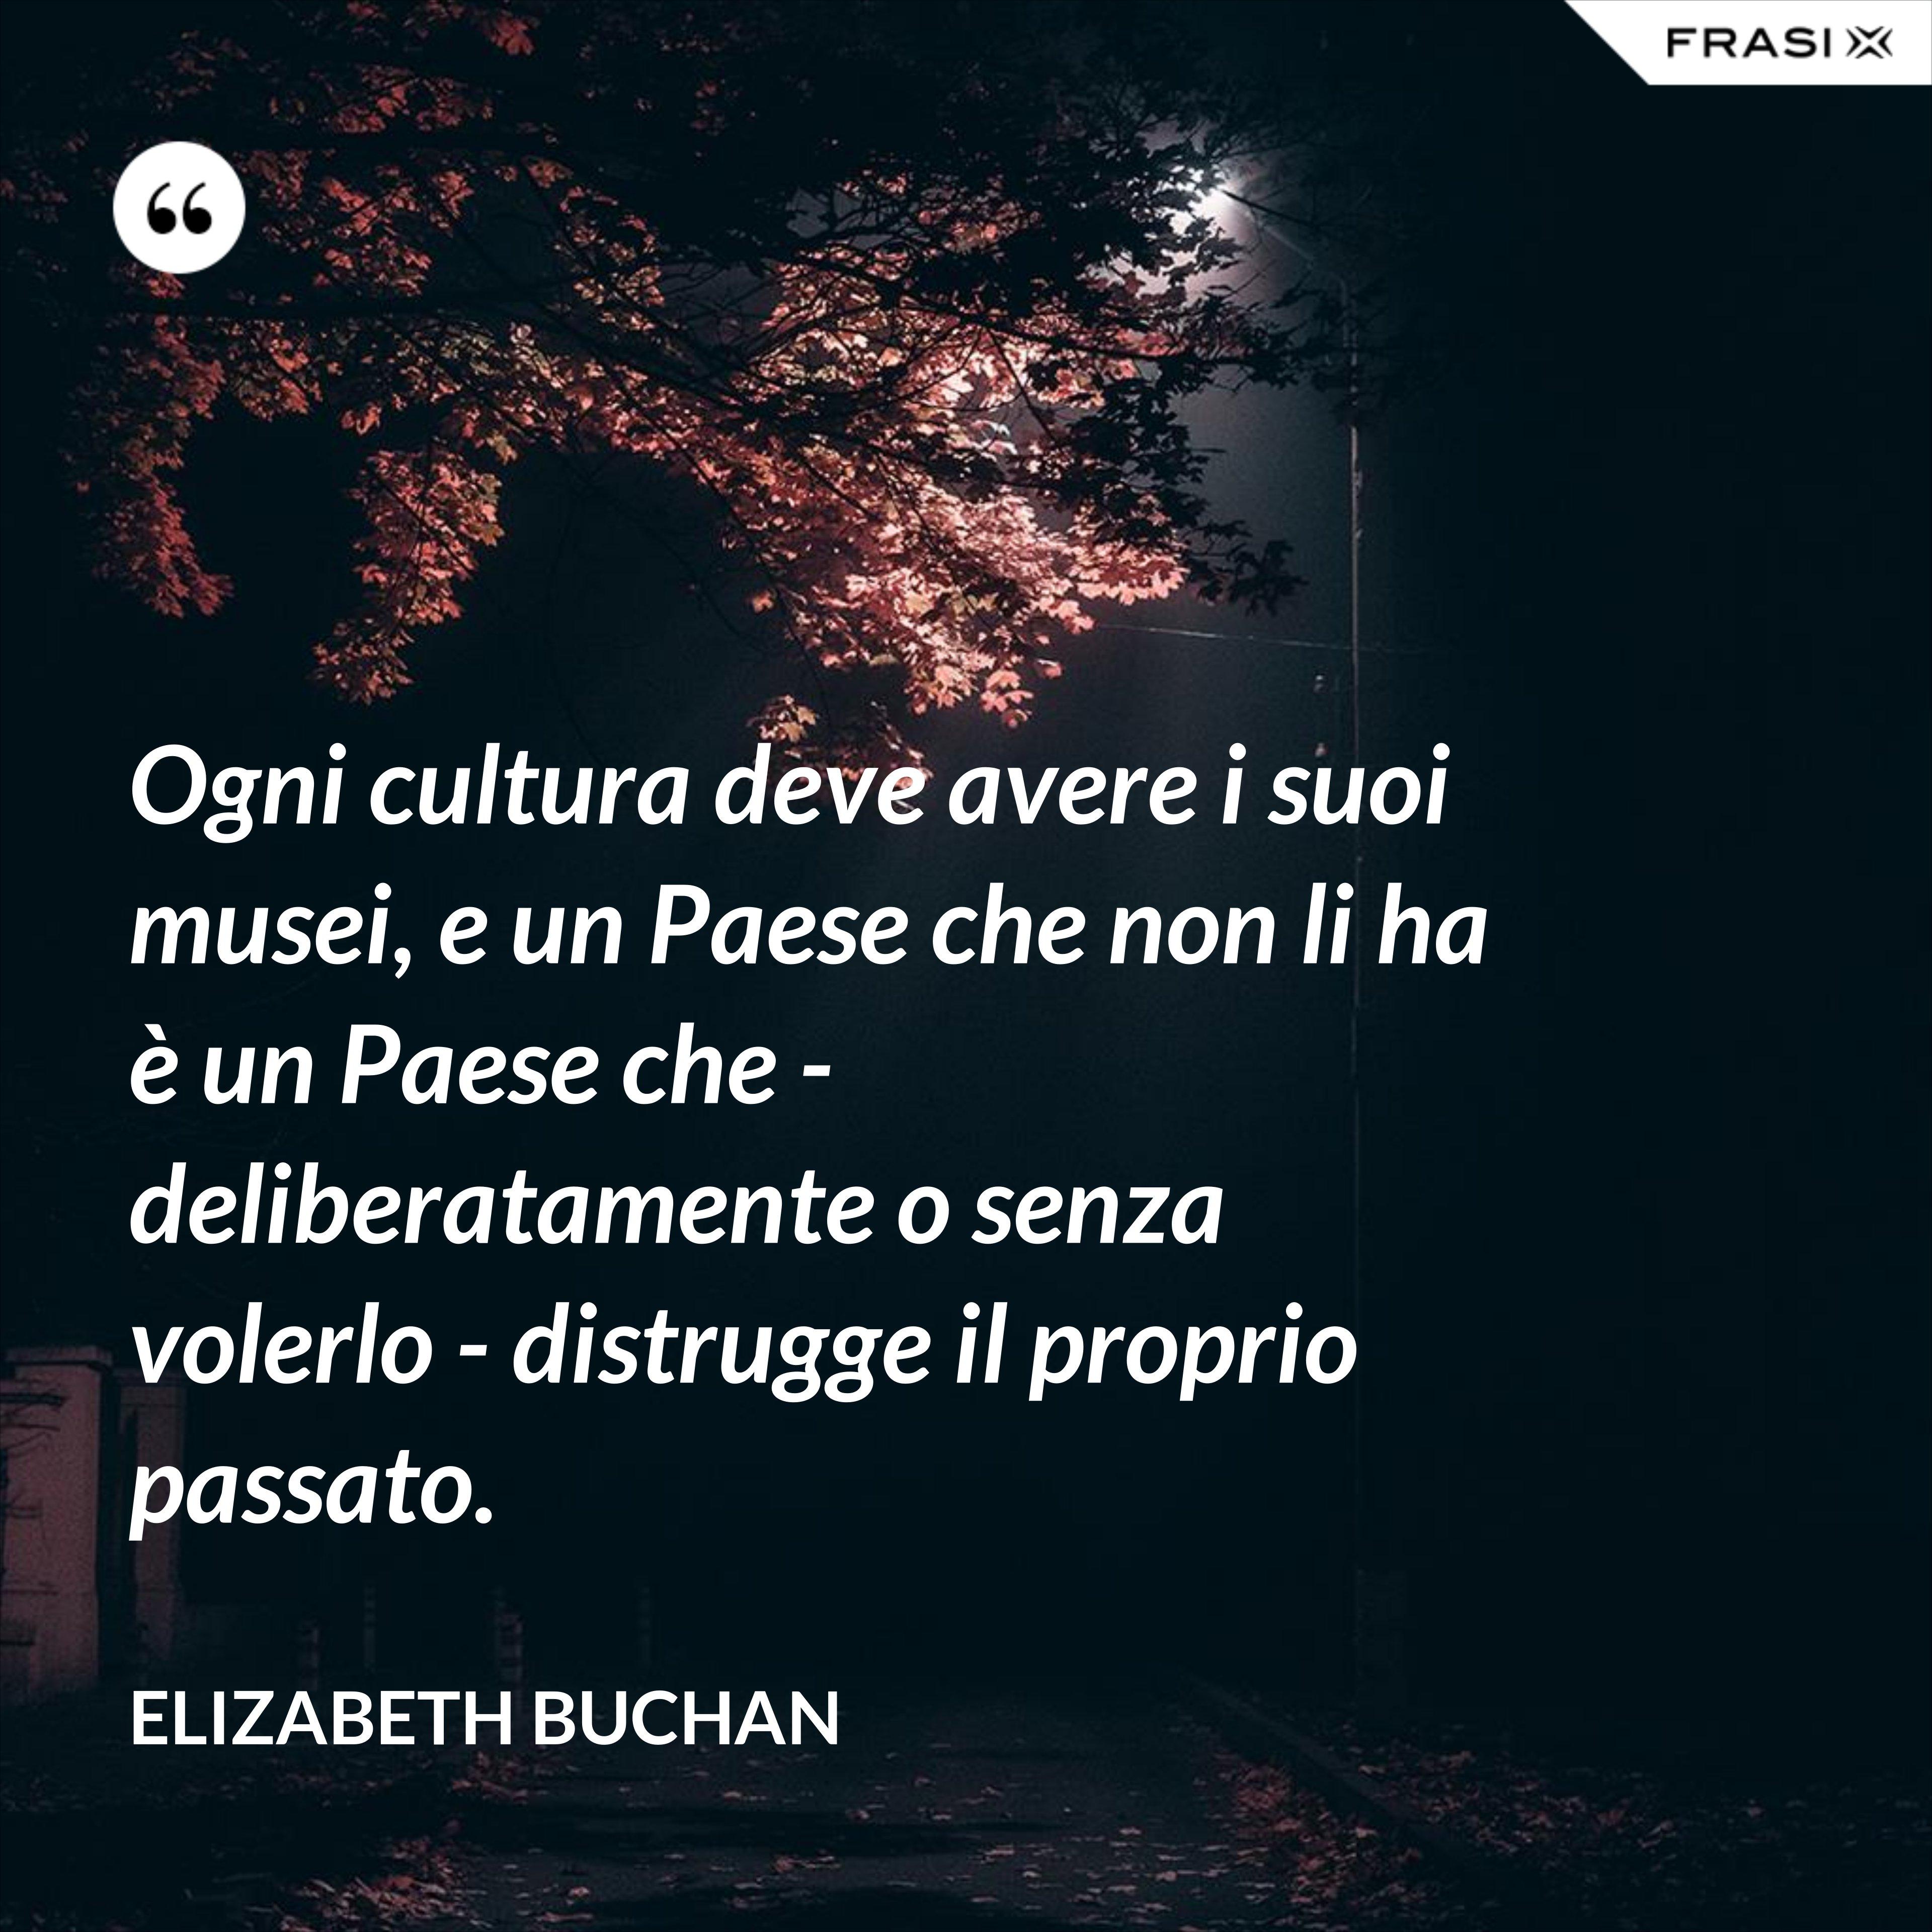 Ogni cultura deve avere i suoi musei, e un Paese che non li ha è un Paese che - deliberatamente o senza volerlo - distrugge il proprio passato. - Elizabeth Buchan